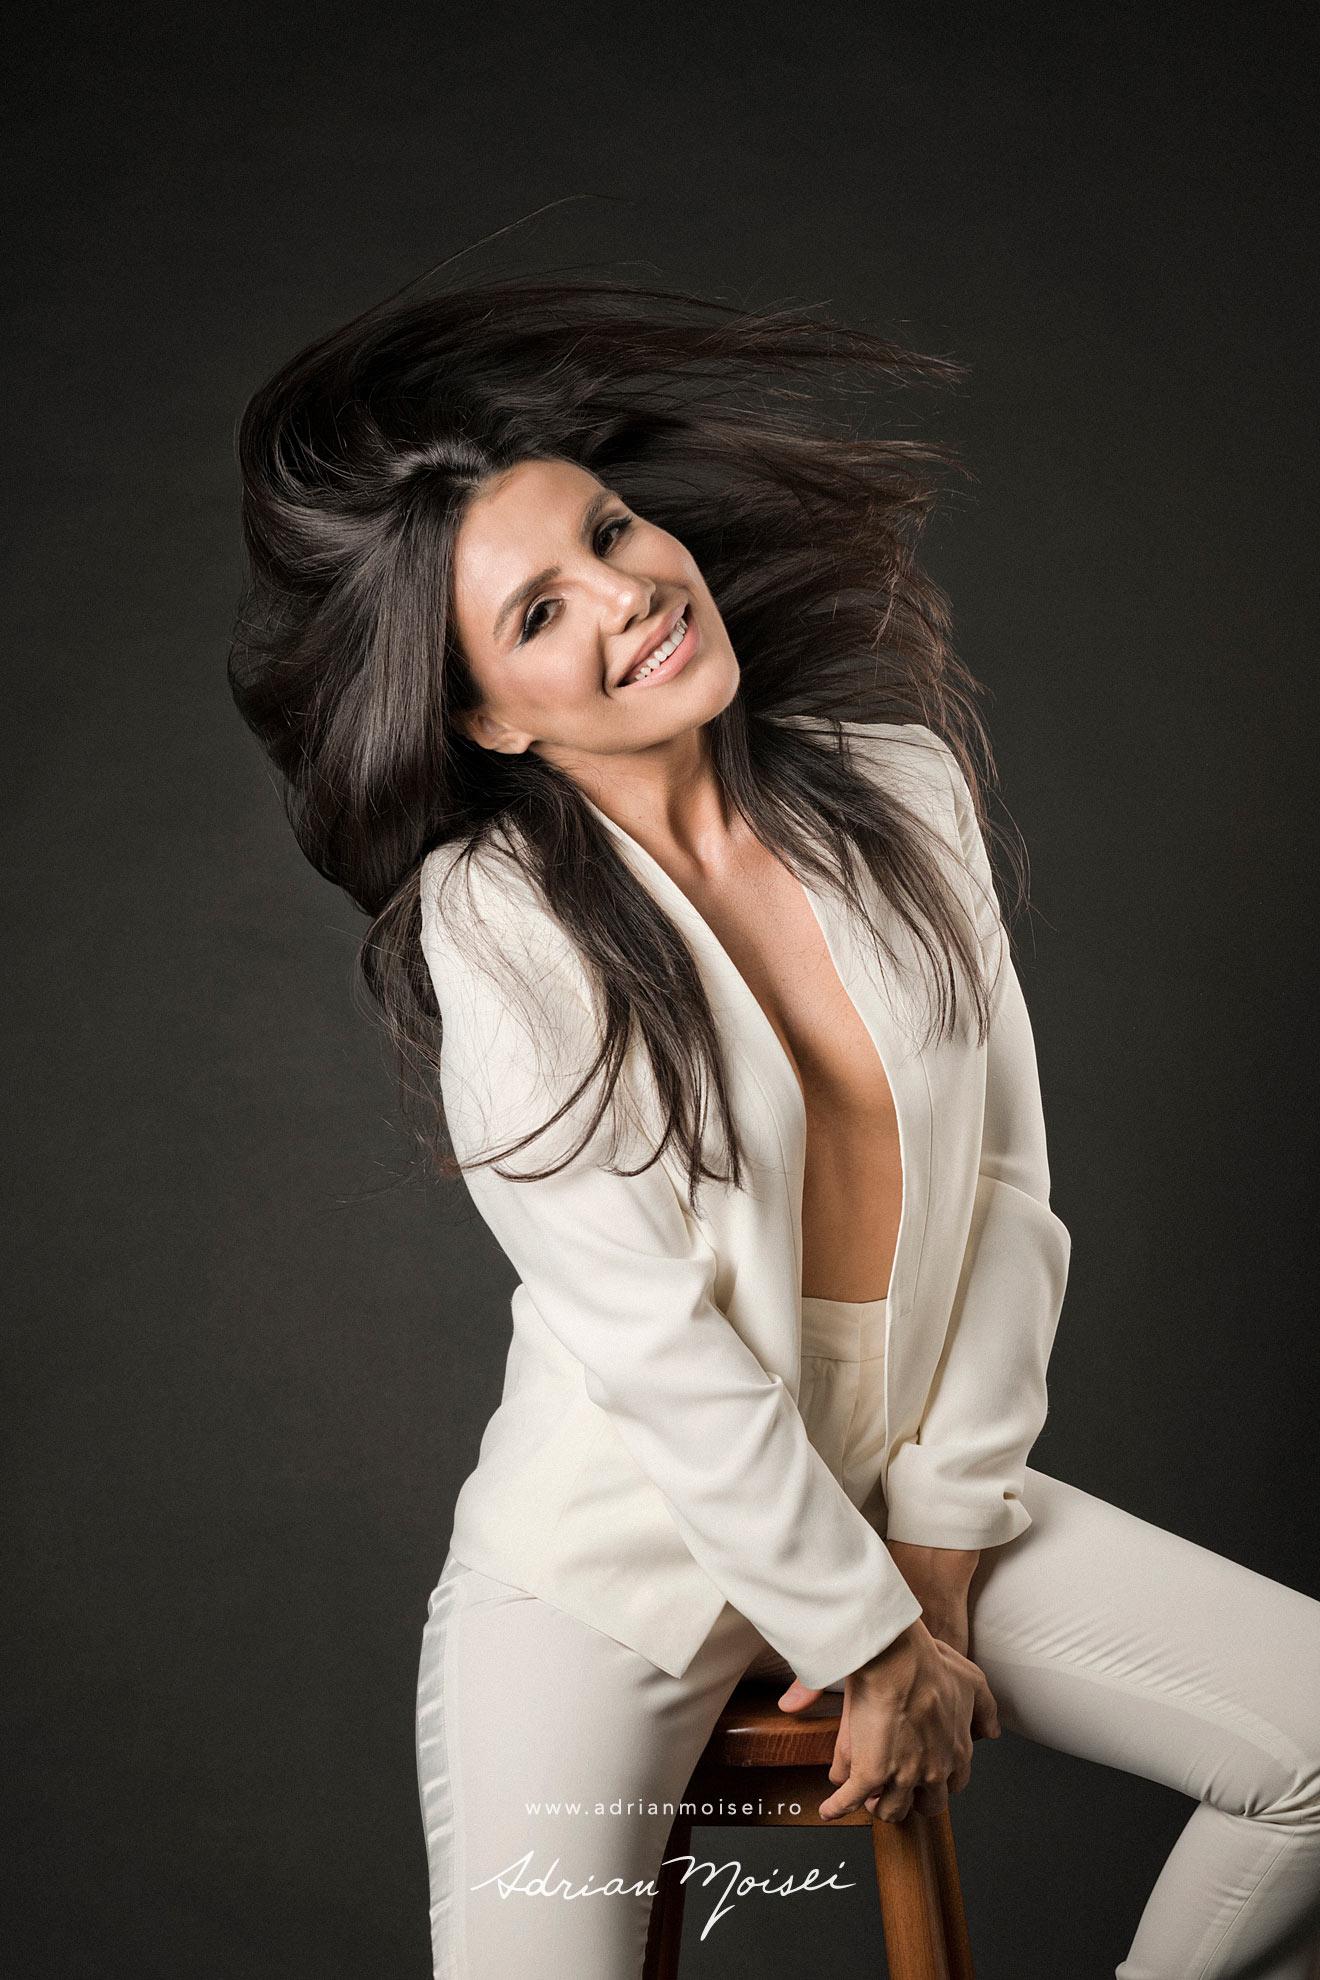 Fotograf fashion Iasi - fotografie cu modela frumoasa si senzuala in studio, pe fundal negru - studio foto Adrian Moisei